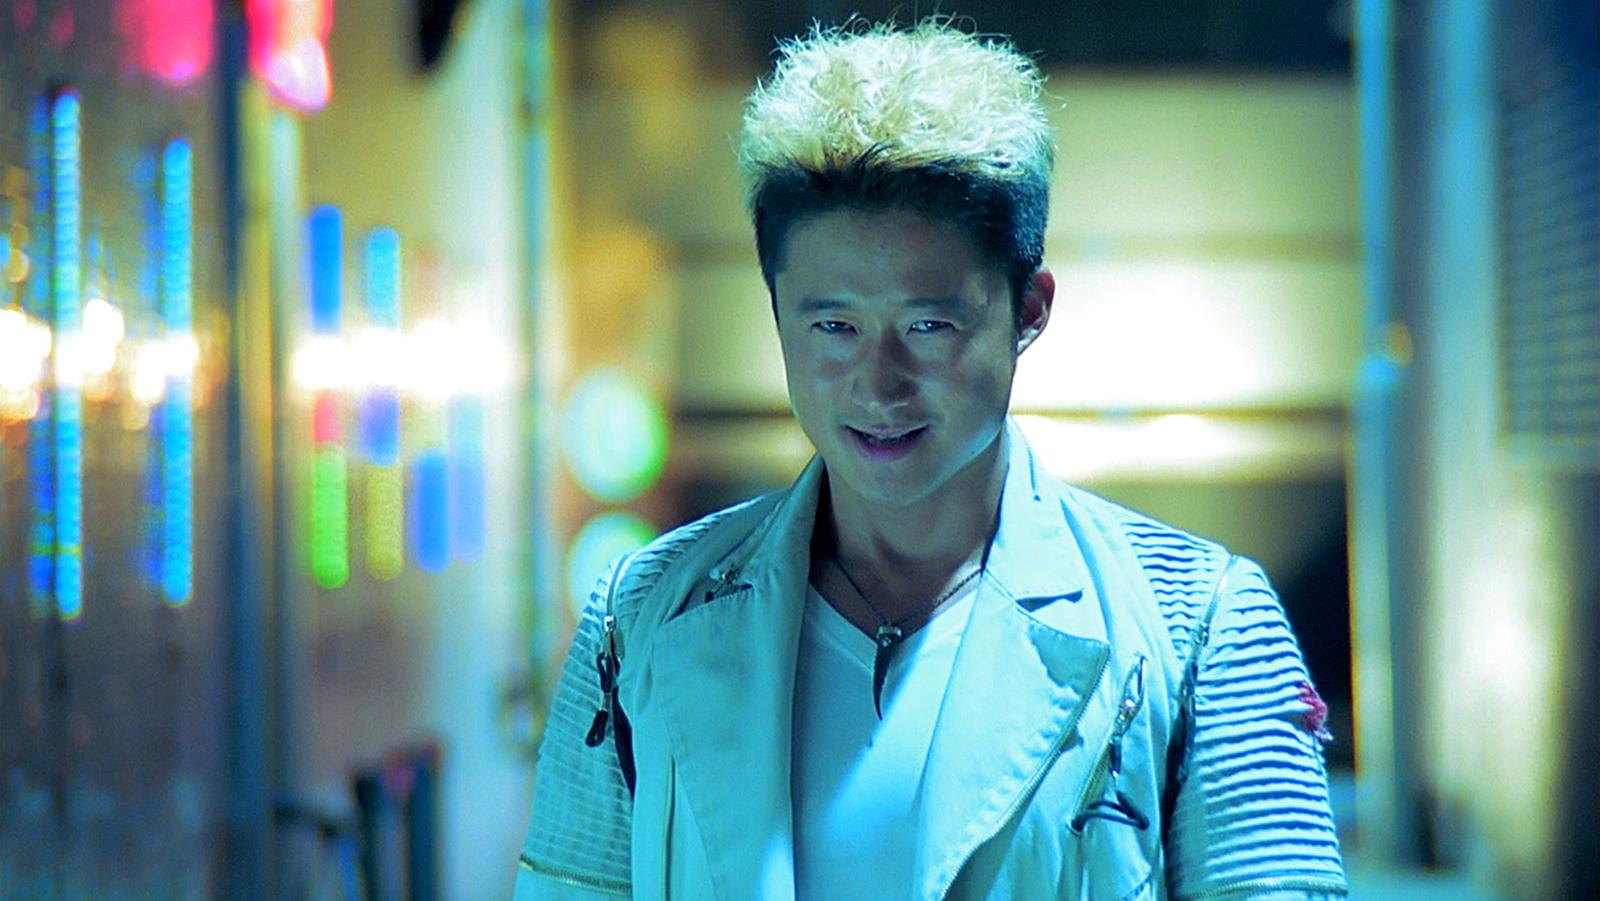 吴京和甄子丹的关系有多差?只因当年和他演对手,被打得浑身是伤